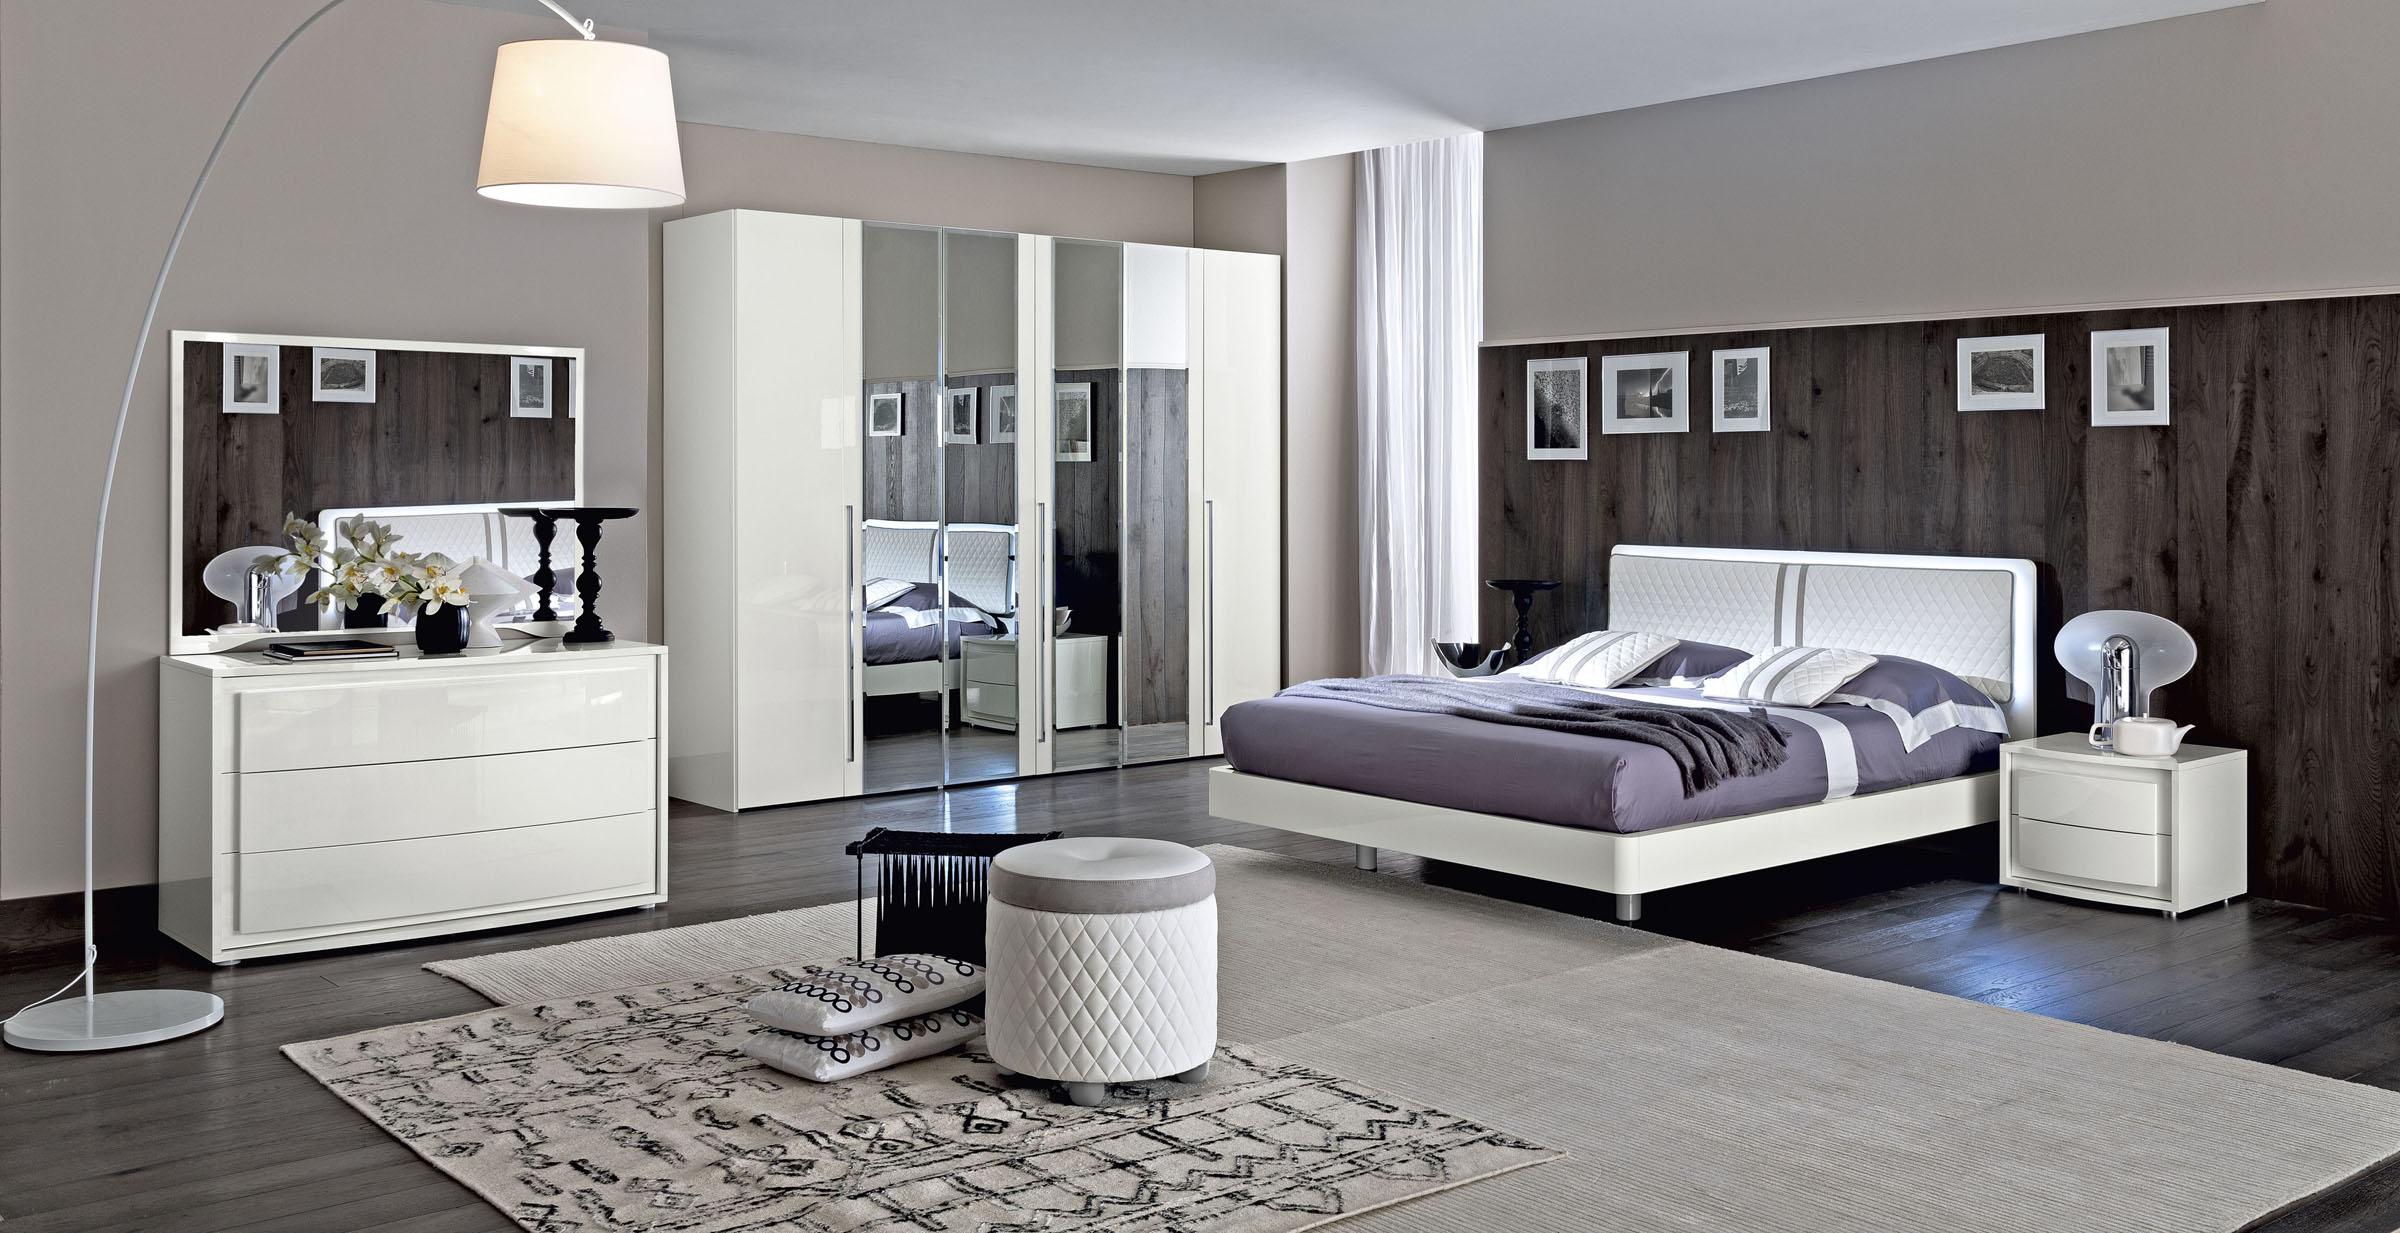 Full Size of überbau Schlafzimmer Modern Luxus Wohnideen Bett Lampe Wandtattoos Mit Komplettes Komplett Günstig Gardinen Deckenlampe Moderne Esstische Massivholz Wohnzimmer überbau Schlafzimmer Modern